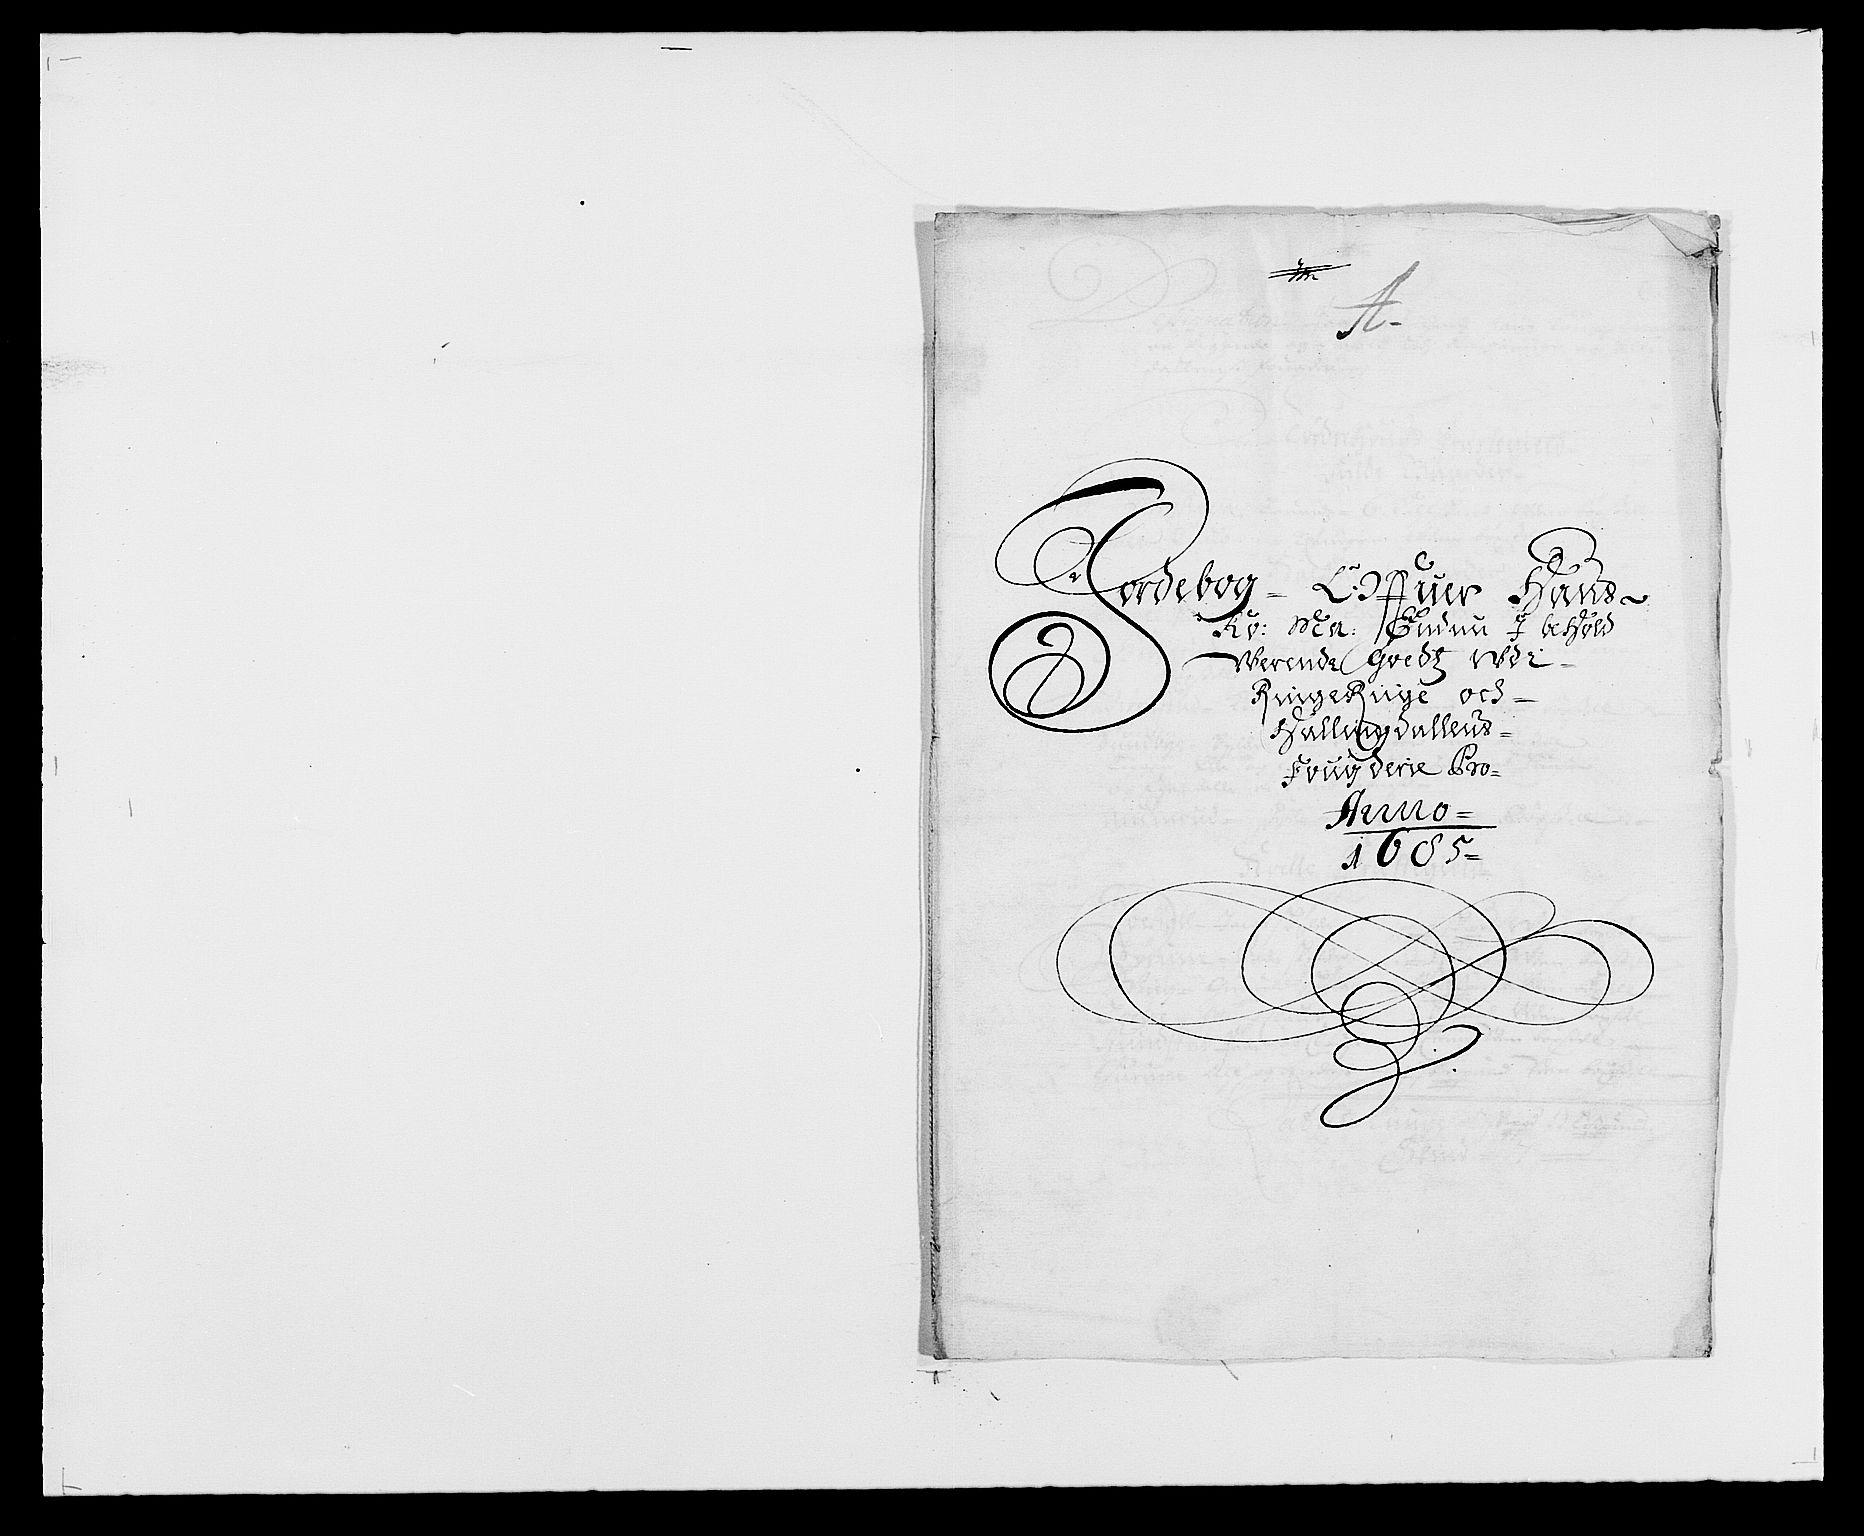 RA, Rentekammeret inntil 1814, Reviderte regnskaper, Fogderegnskap, R21/L1446: Fogderegnskap Ringerike og Hallingdal, 1683-1686, s. 291